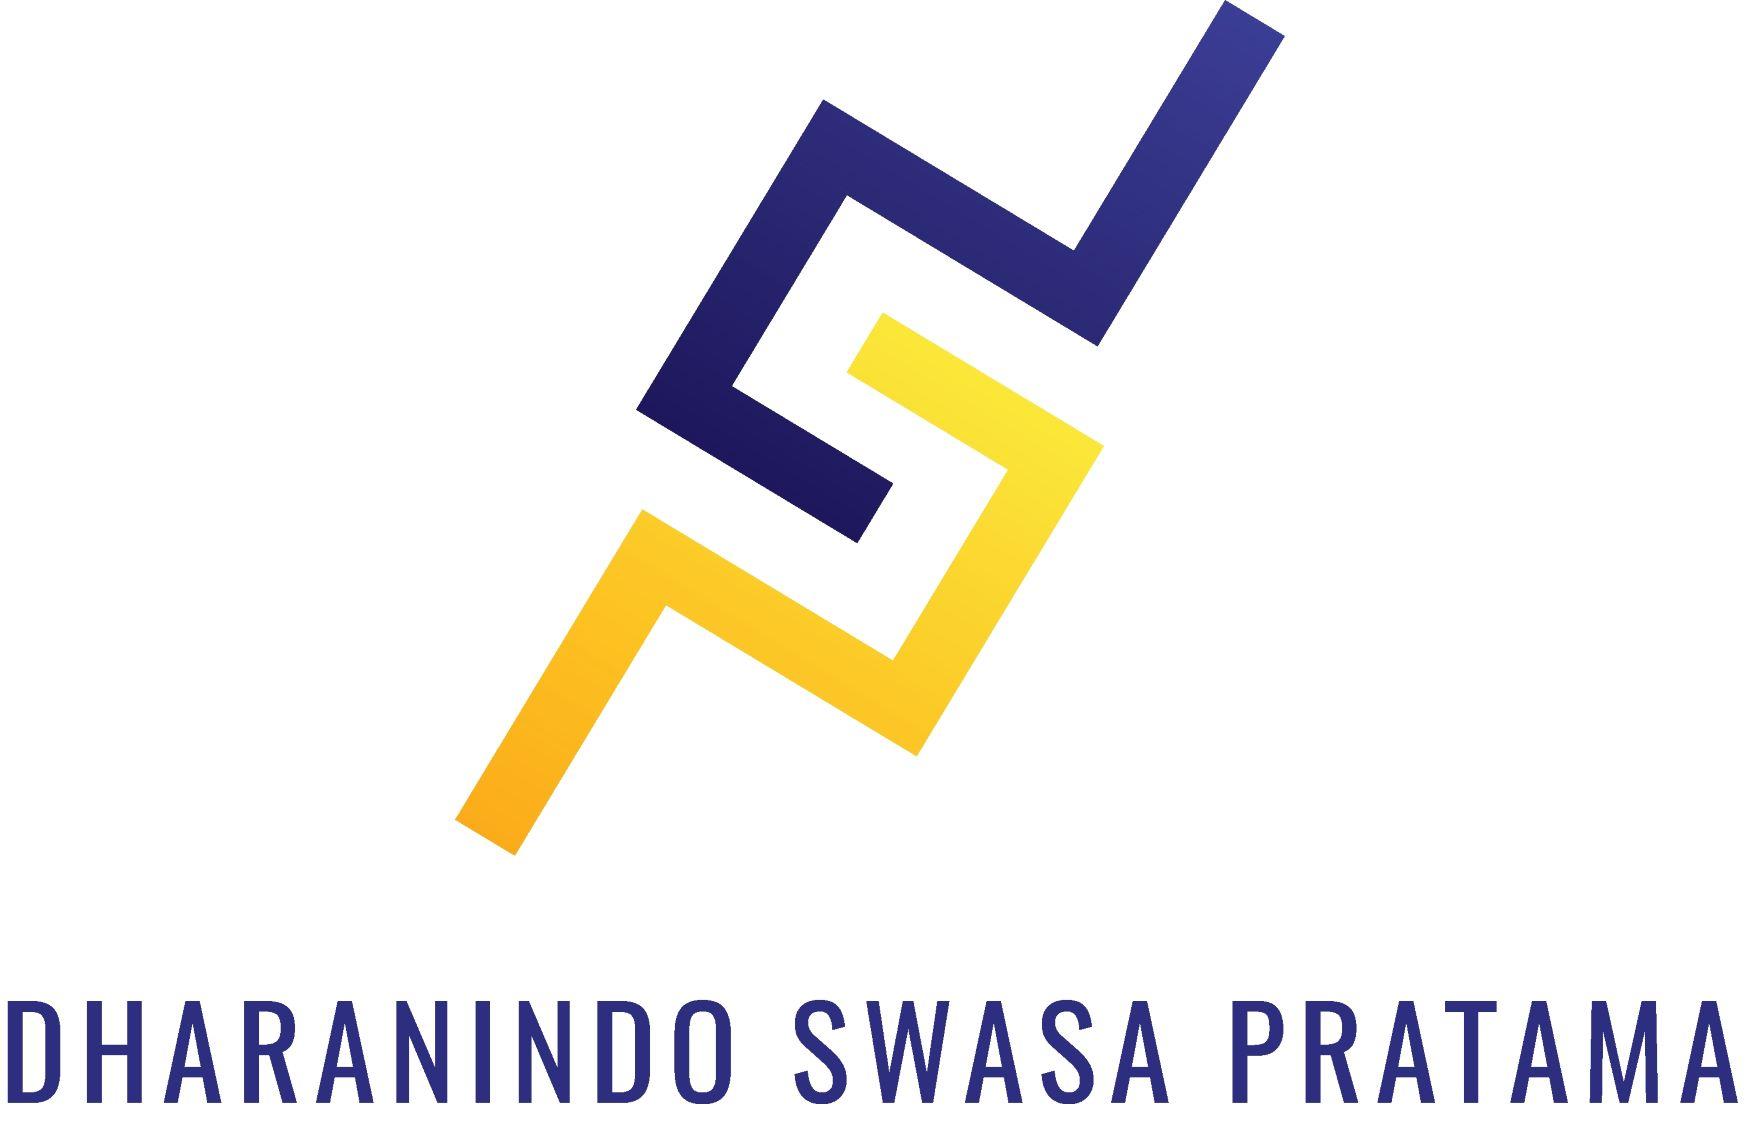 PT. Dharanindo Swasa Pratama logo